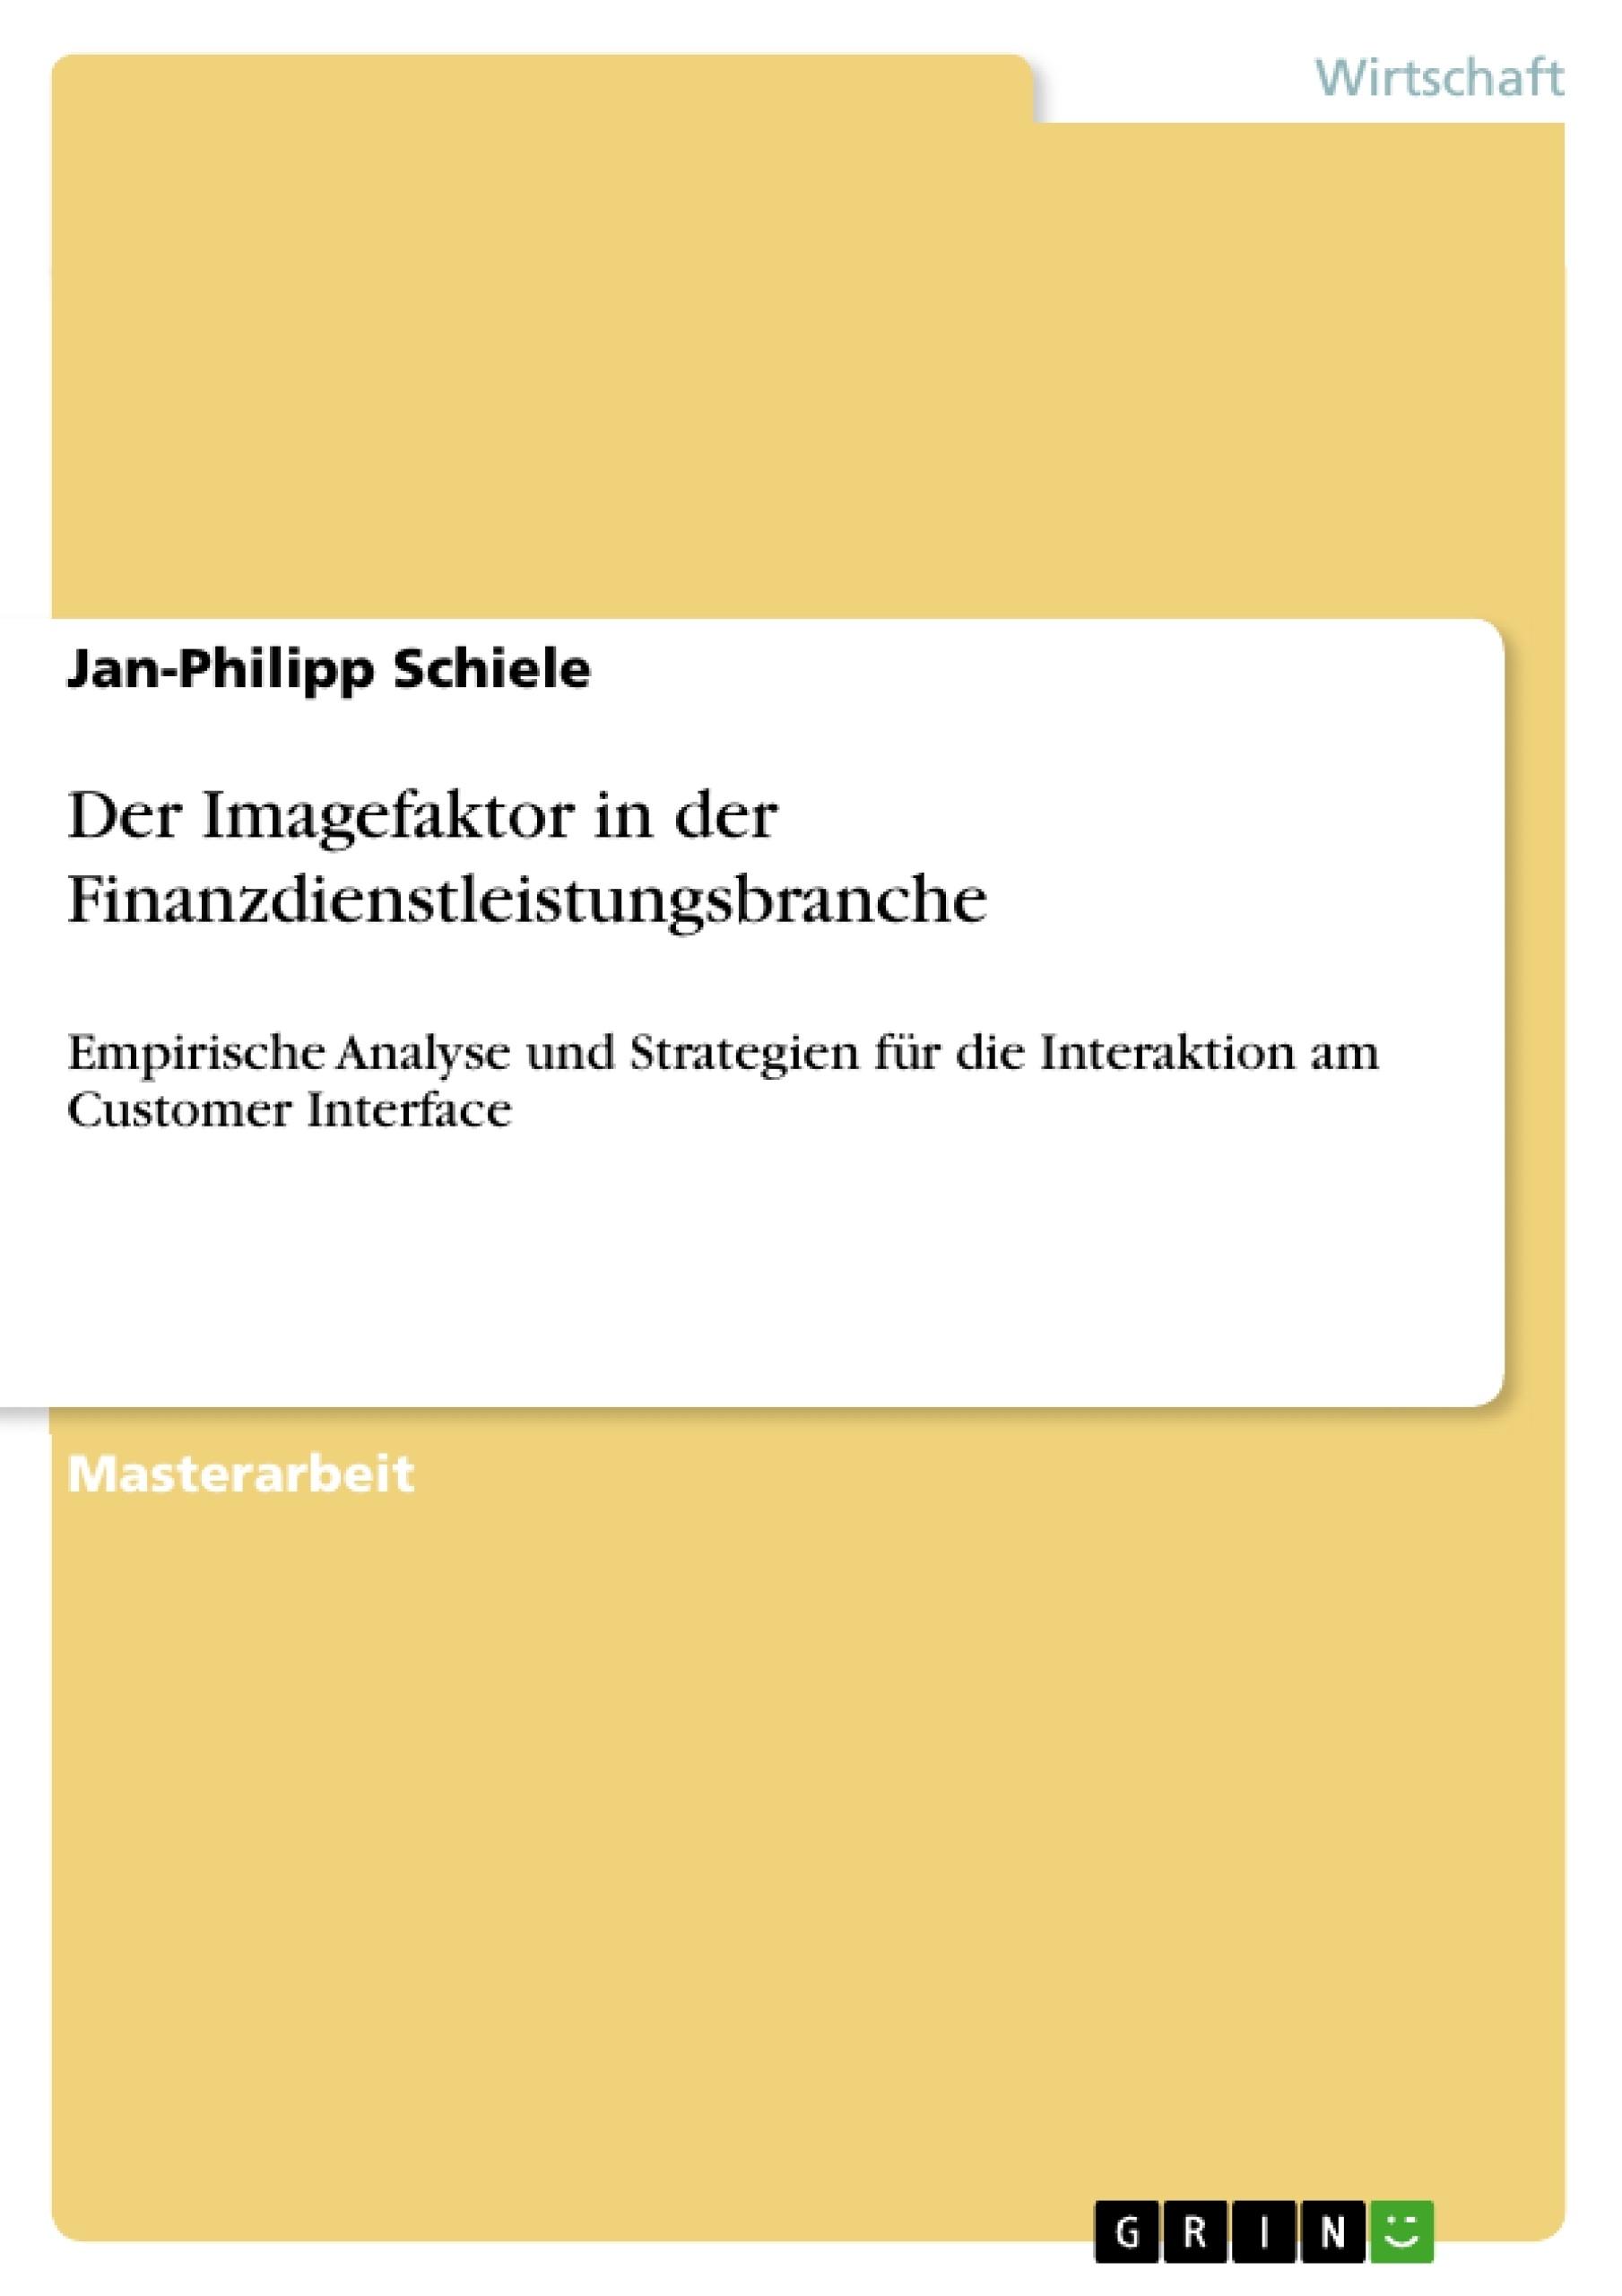 Titel: Der Imagefaktor in der Finanzdienstleistungsbranche